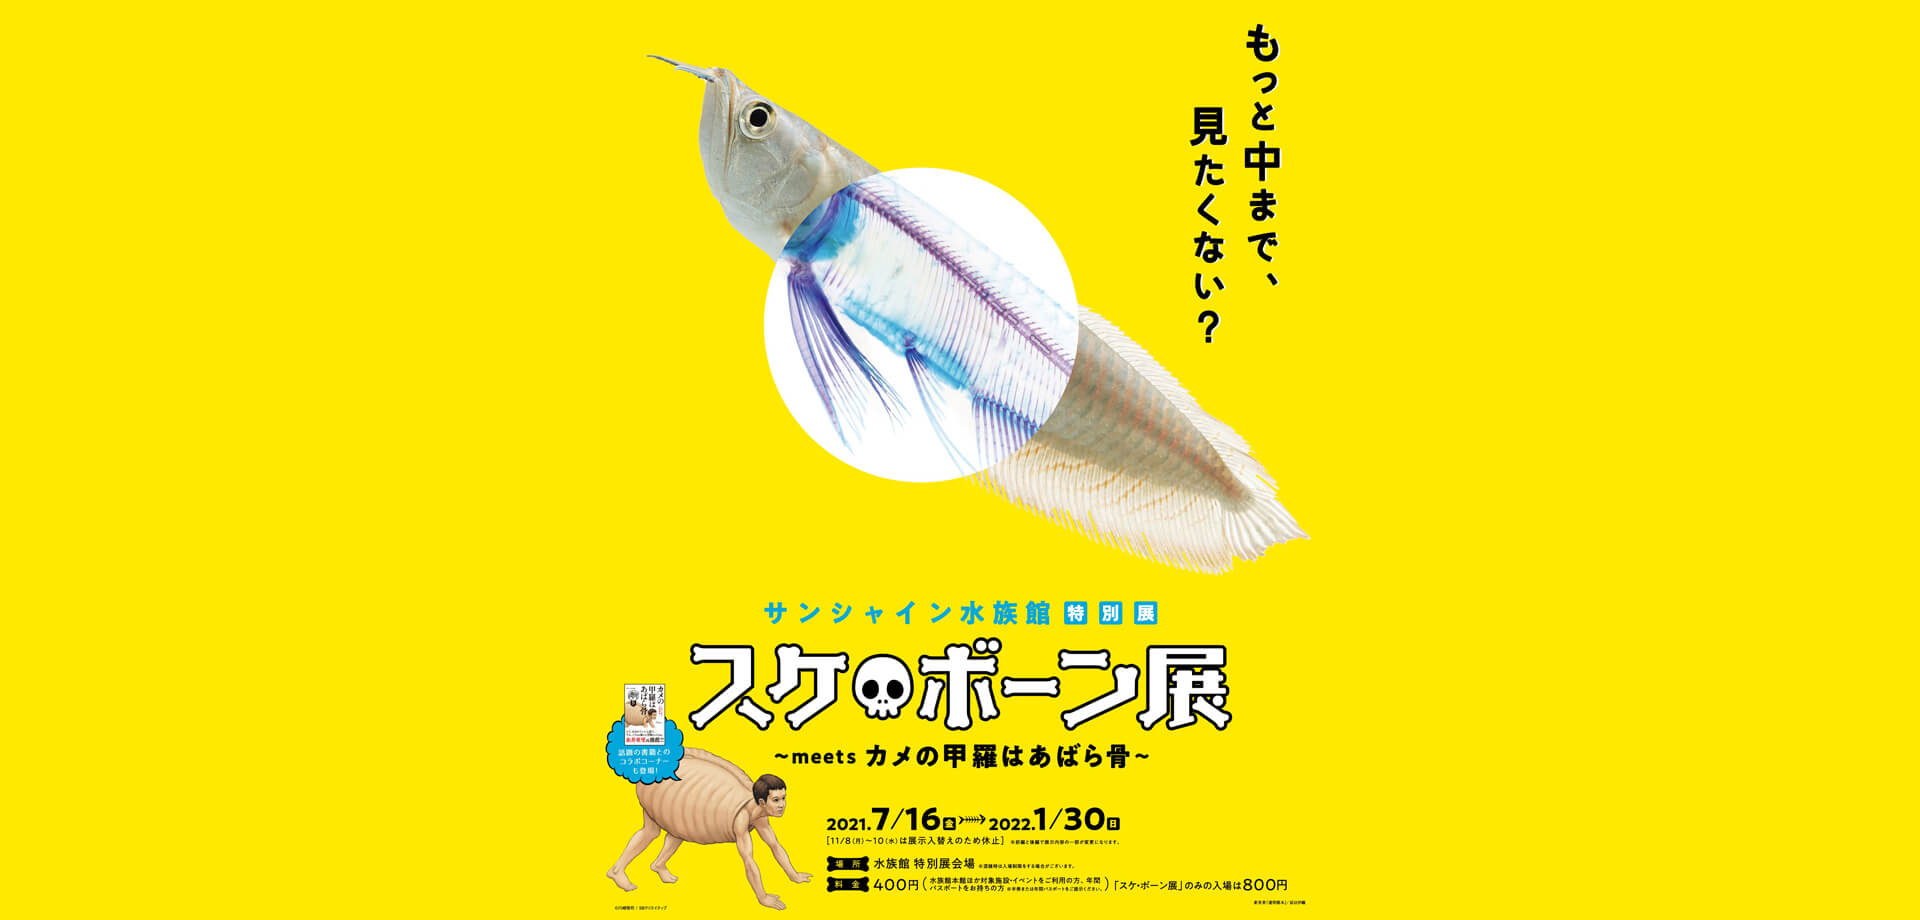 サンシャイン水族館 特別展「スケ💀ボーン展~meets カメの甲羅はあばら骨~」